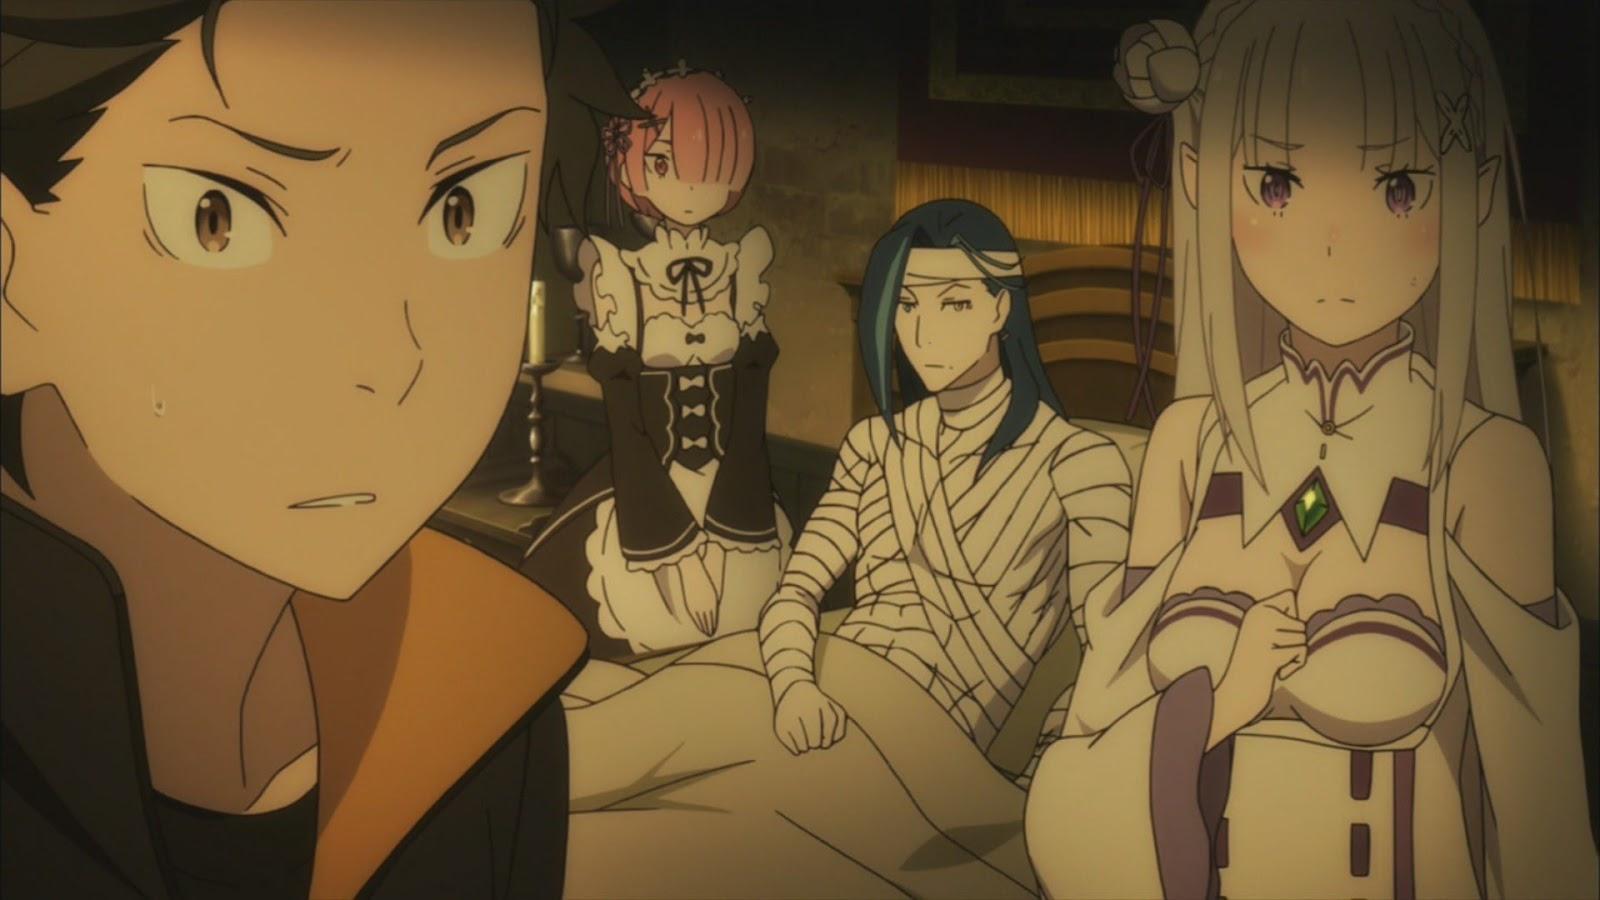 Re:Zero Kara Hajimeru Isekai Seikatsu Season 2 - Episode 3